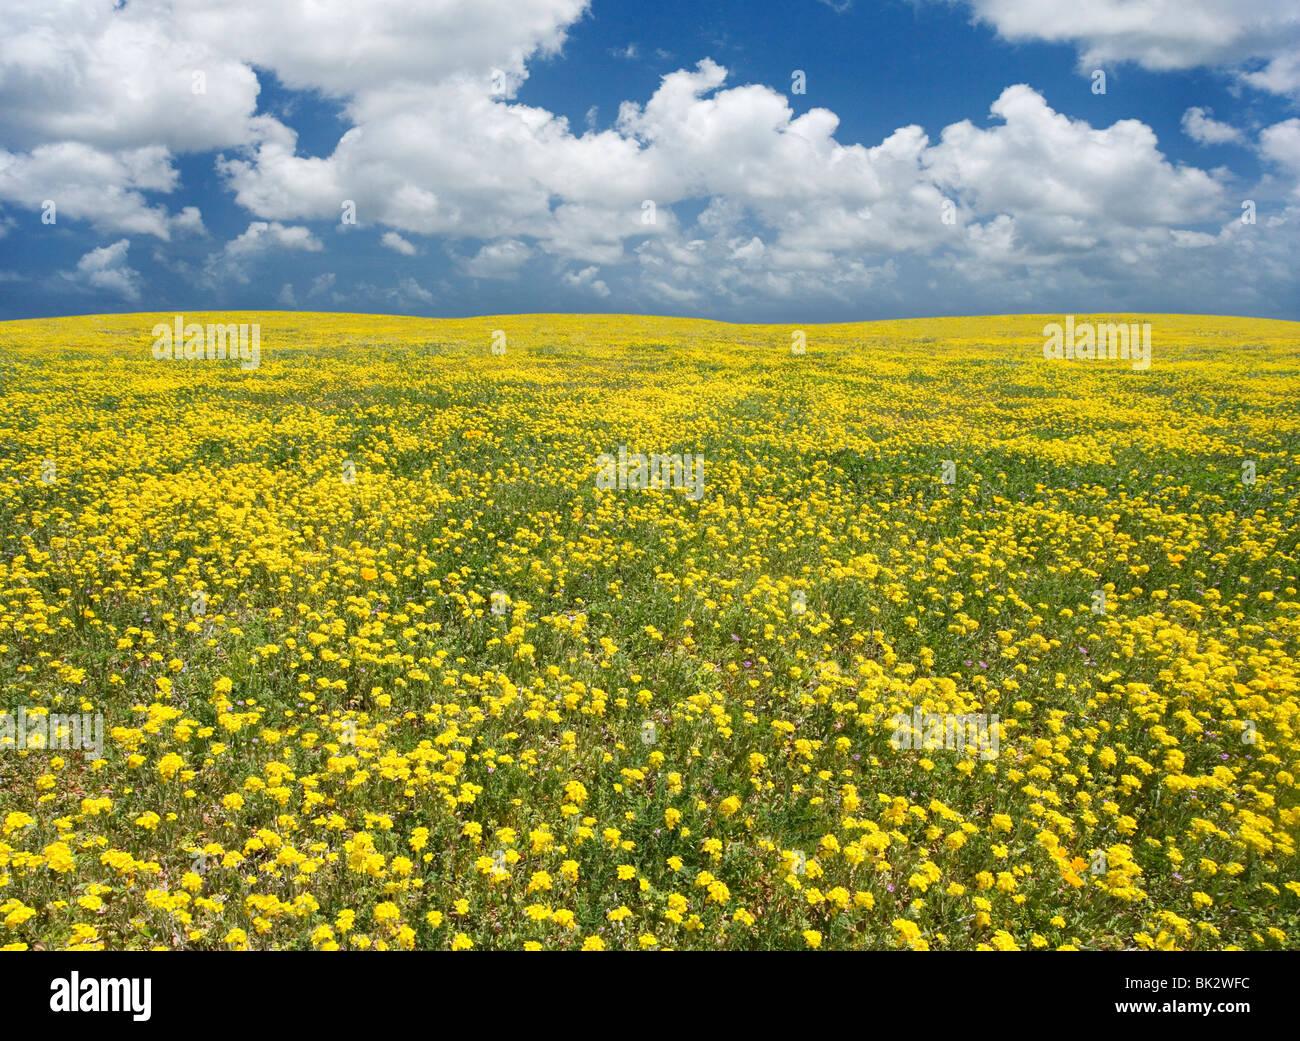 Un grande campo di fiori selvatici giallo che va avanti per sempre. Il fotografo ritoccata la linea di orizzonte Immagini Stock